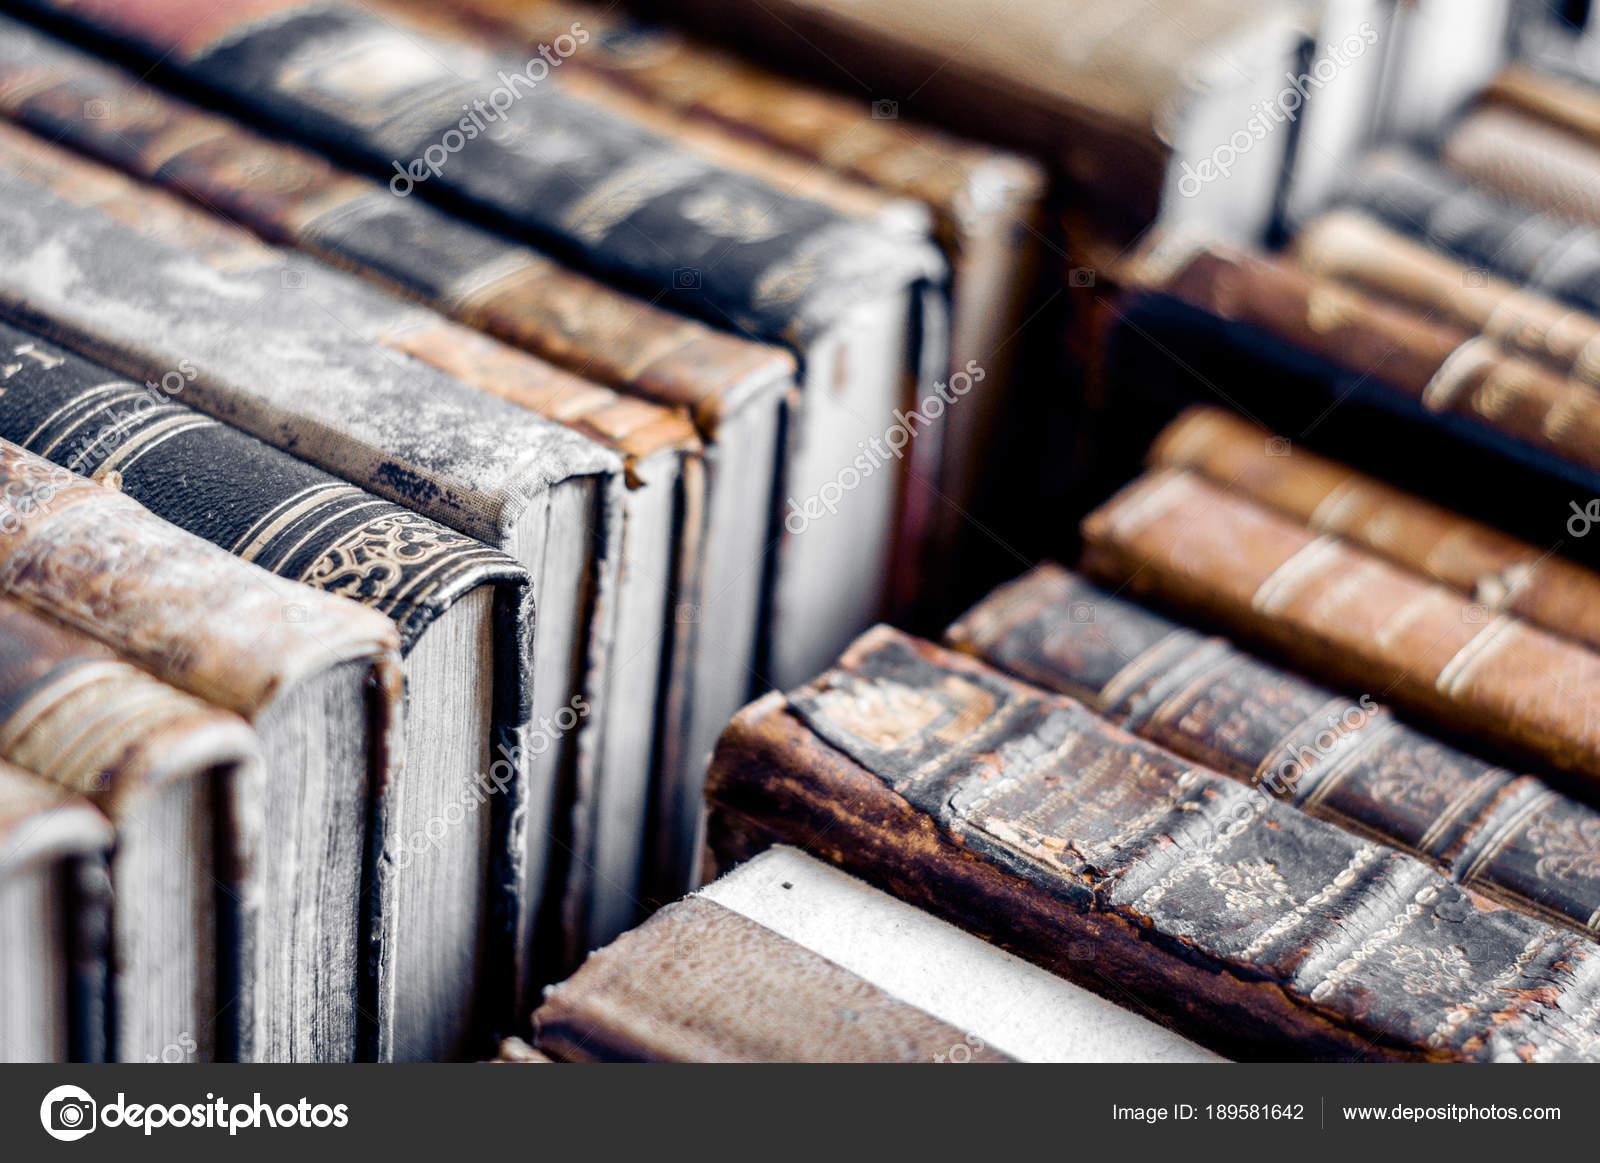 a84bf66a7344 Könyvek bőr kiterjed a sorban. Éves, használt könyvek — Fotó szerzőtől ...